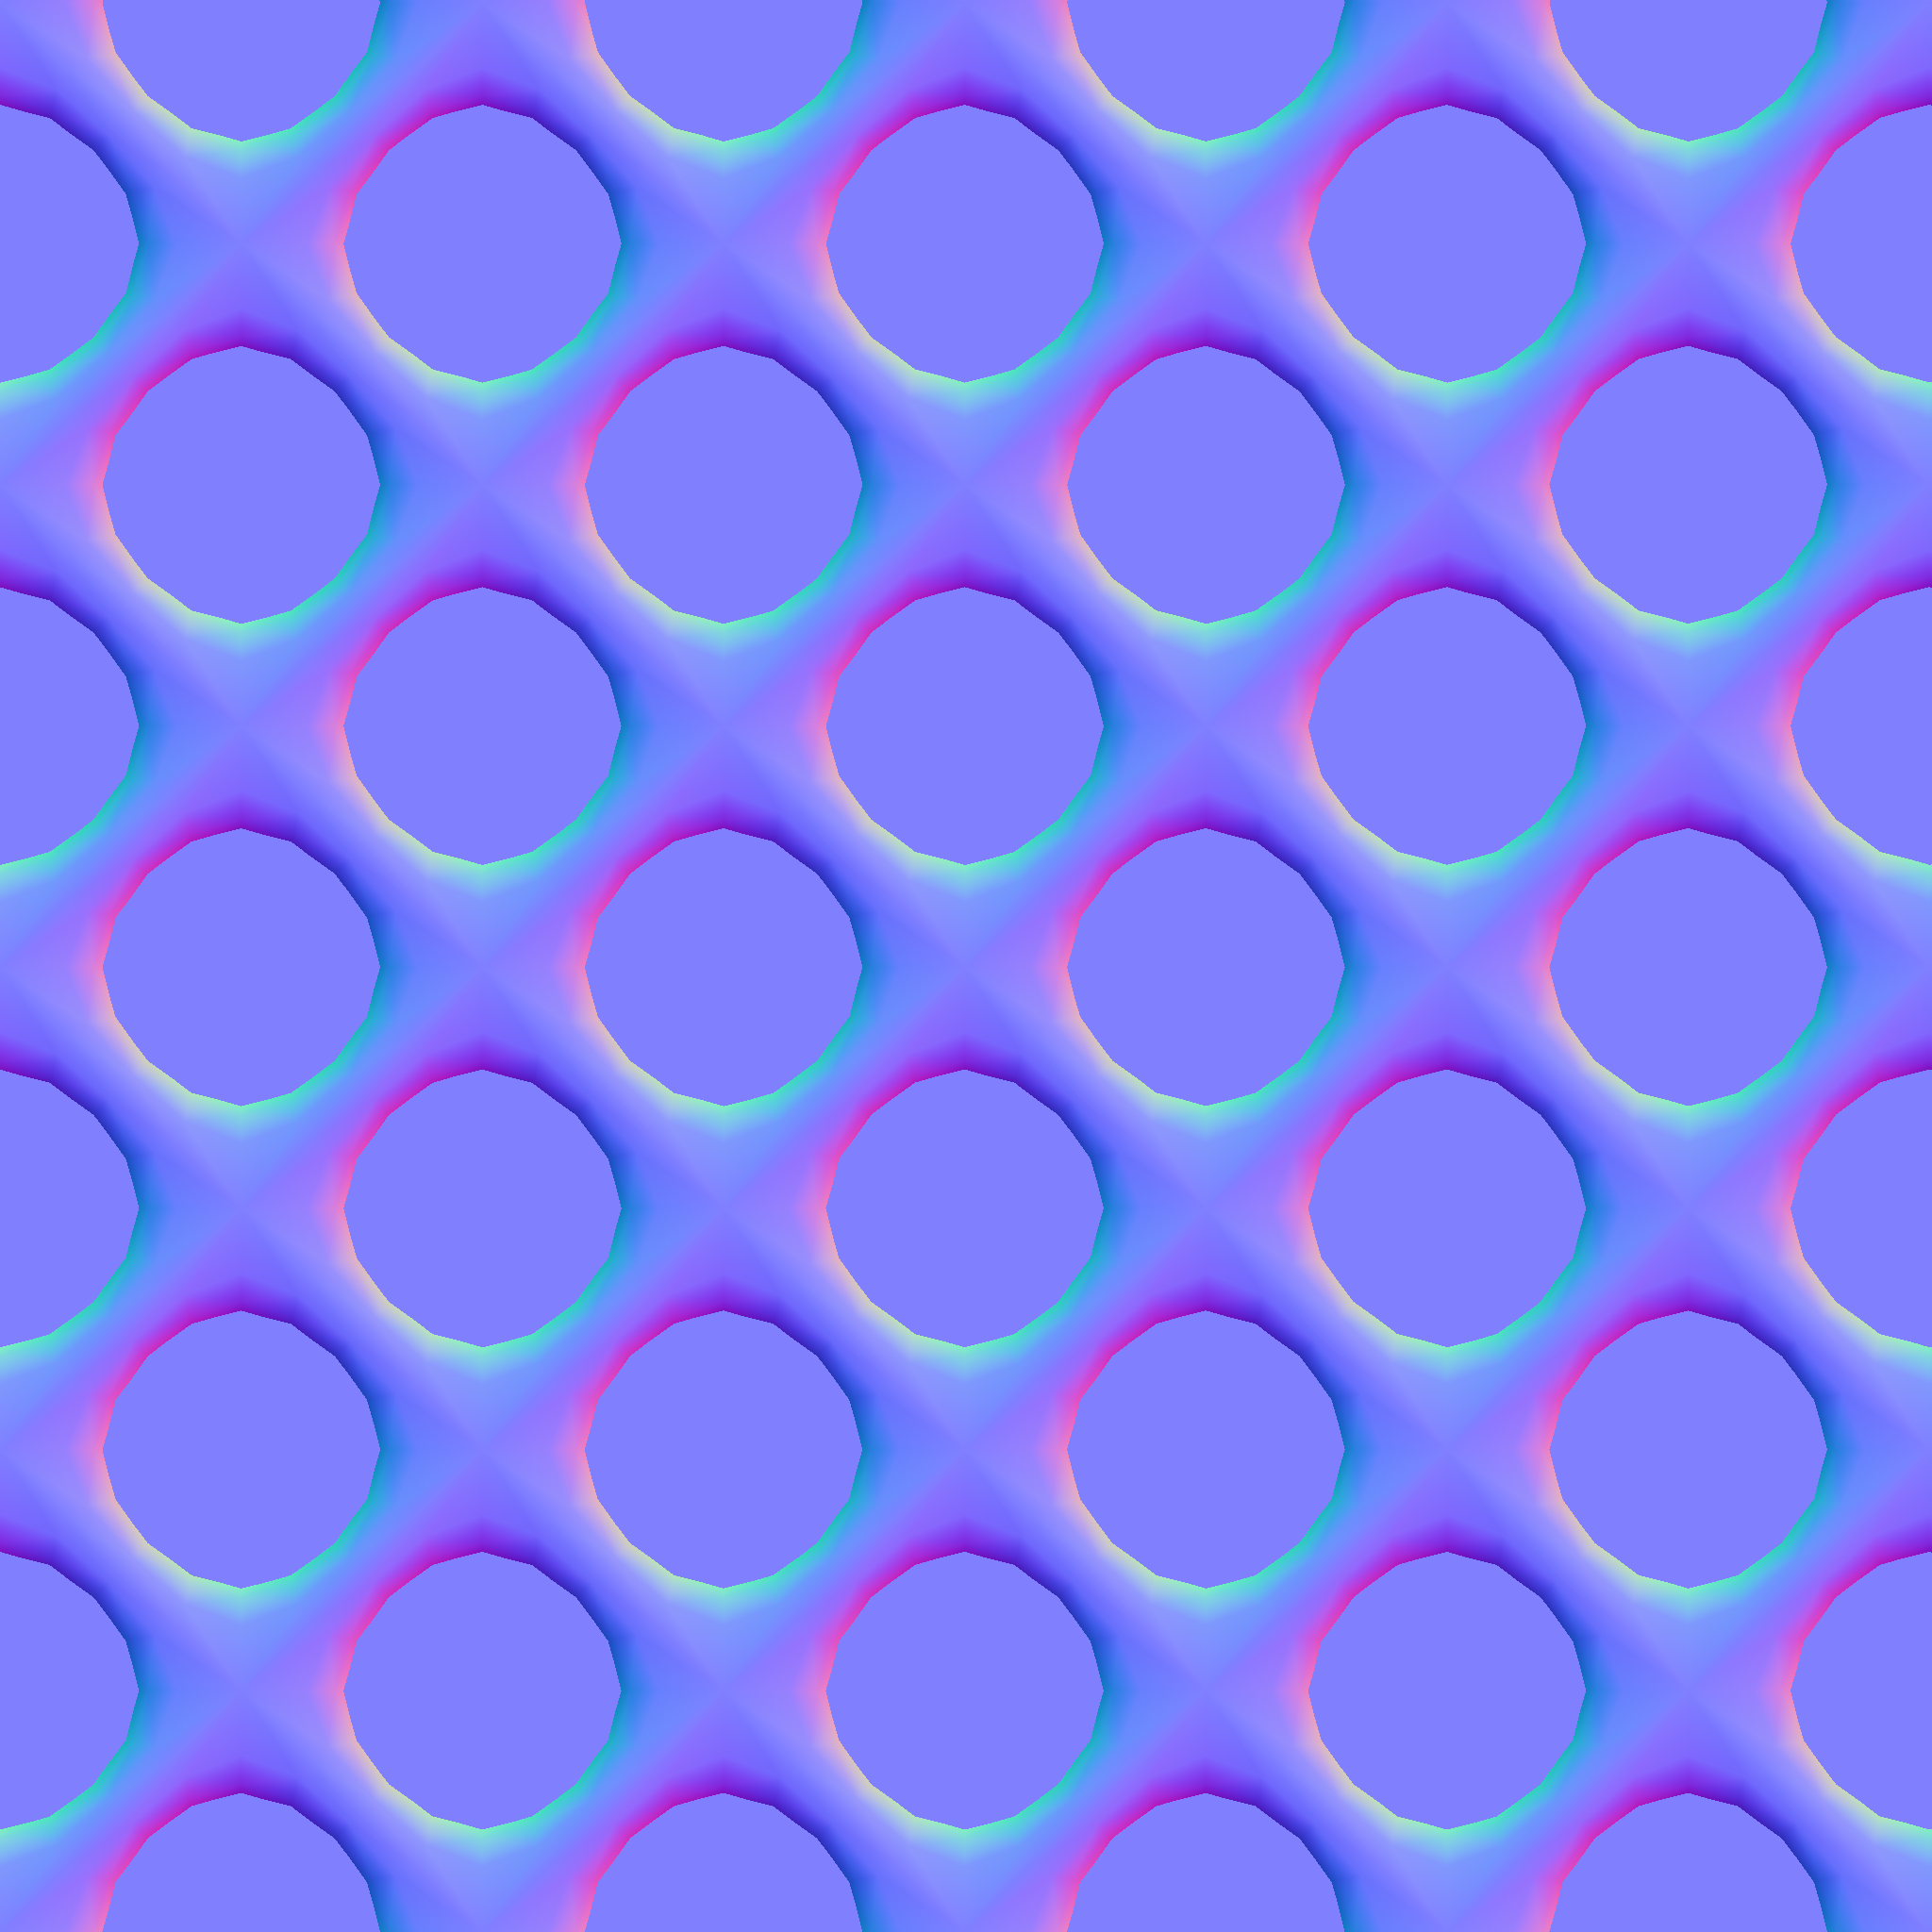 Circlegridnormalmapbystanpancakes d5xkt9epng 2048